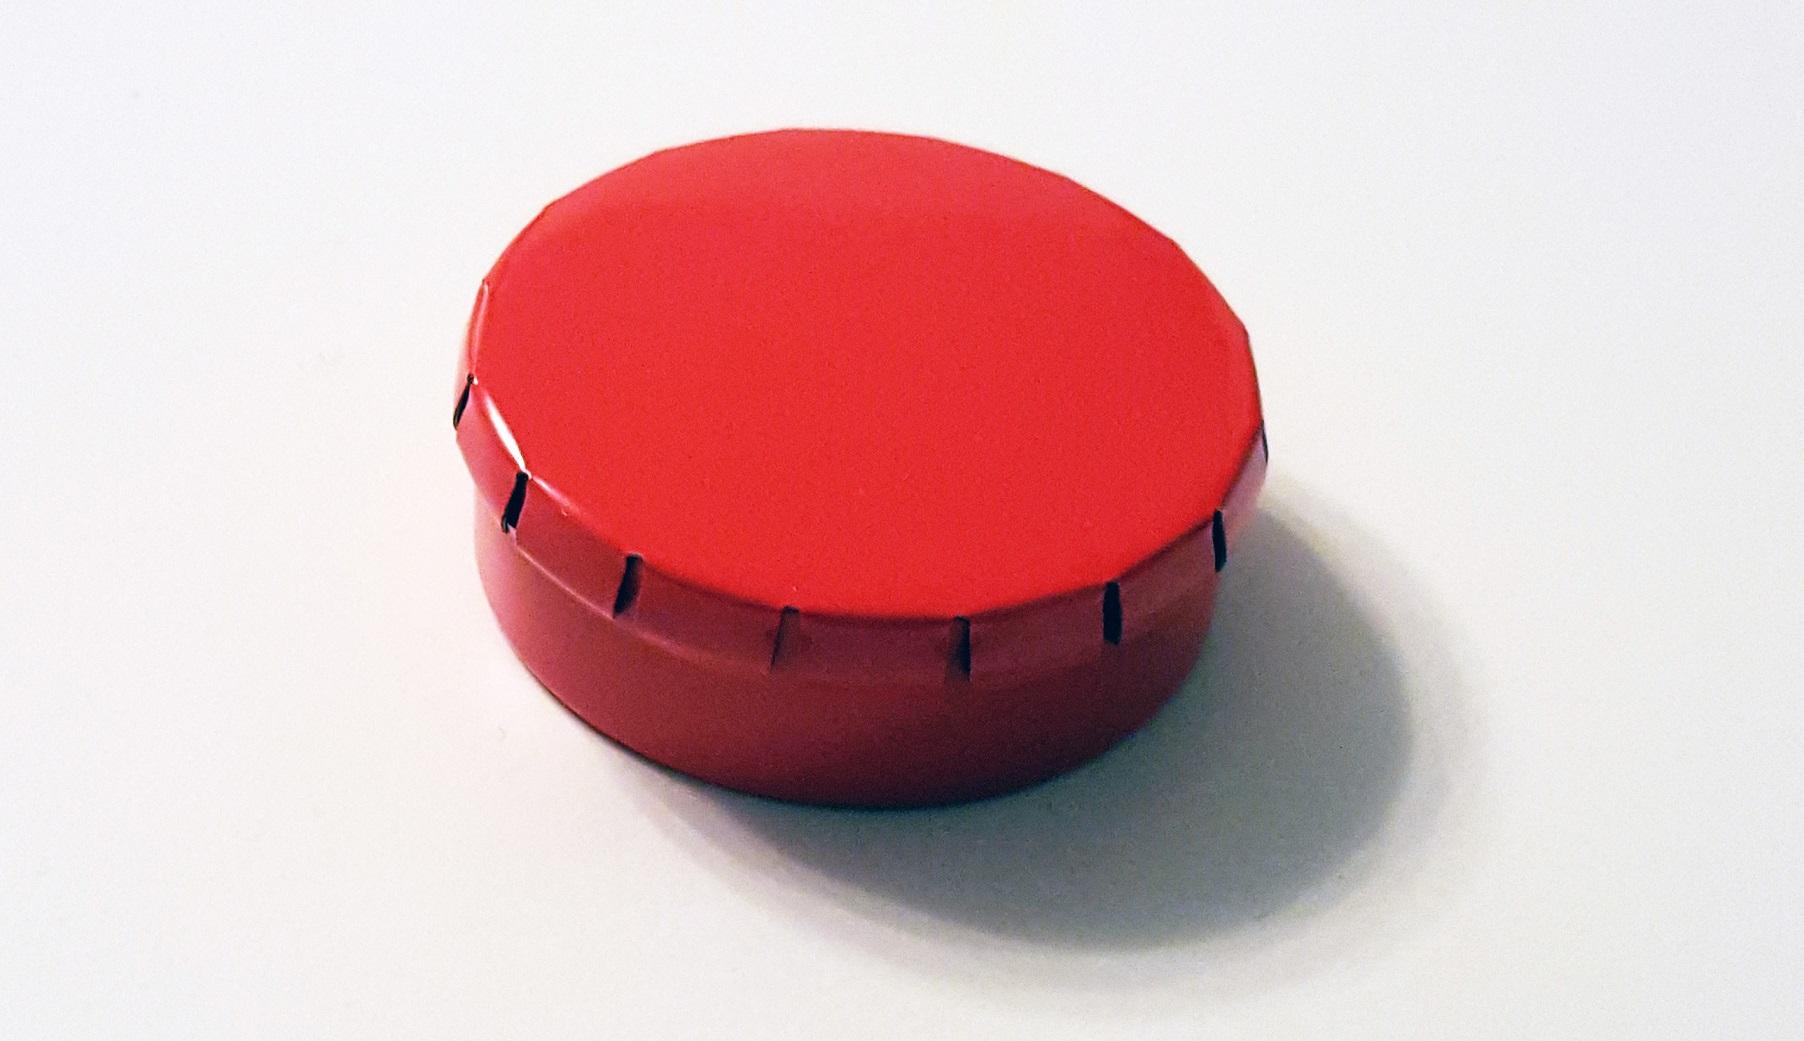 runde blechdose mit klick klack deckel d45 15mm rot. Black Bedroom Furniture Sets. Home Design Ideas